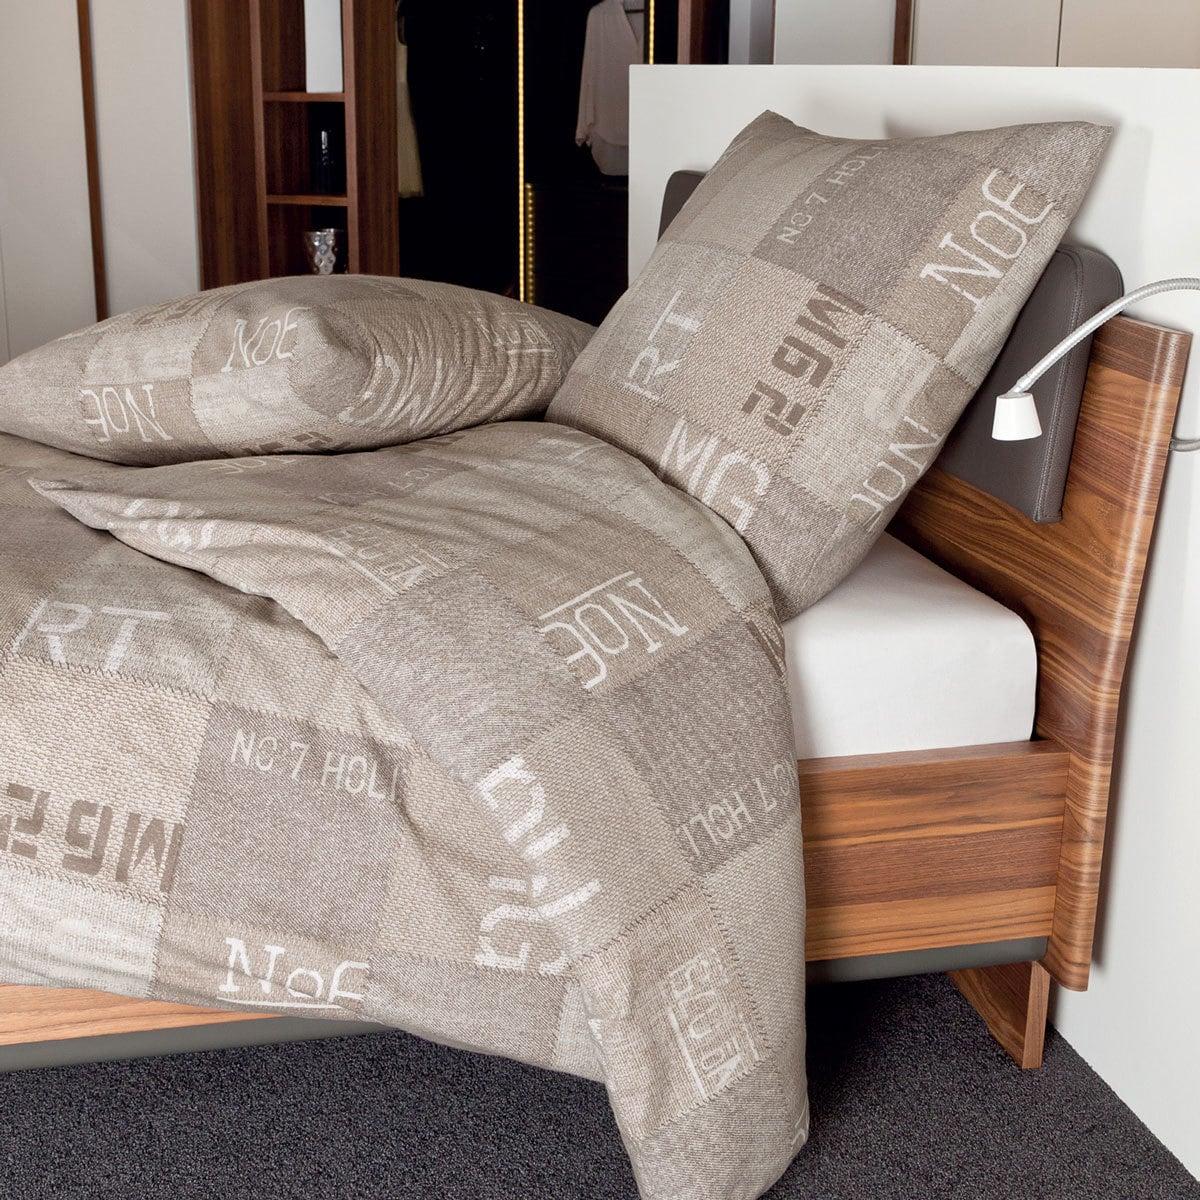 janine feinbiber bettw sche davos 65046 07 g nstig online kaufen bei bettwaren shop. Black Bedroom Furniture Sets. Home Design Ideas